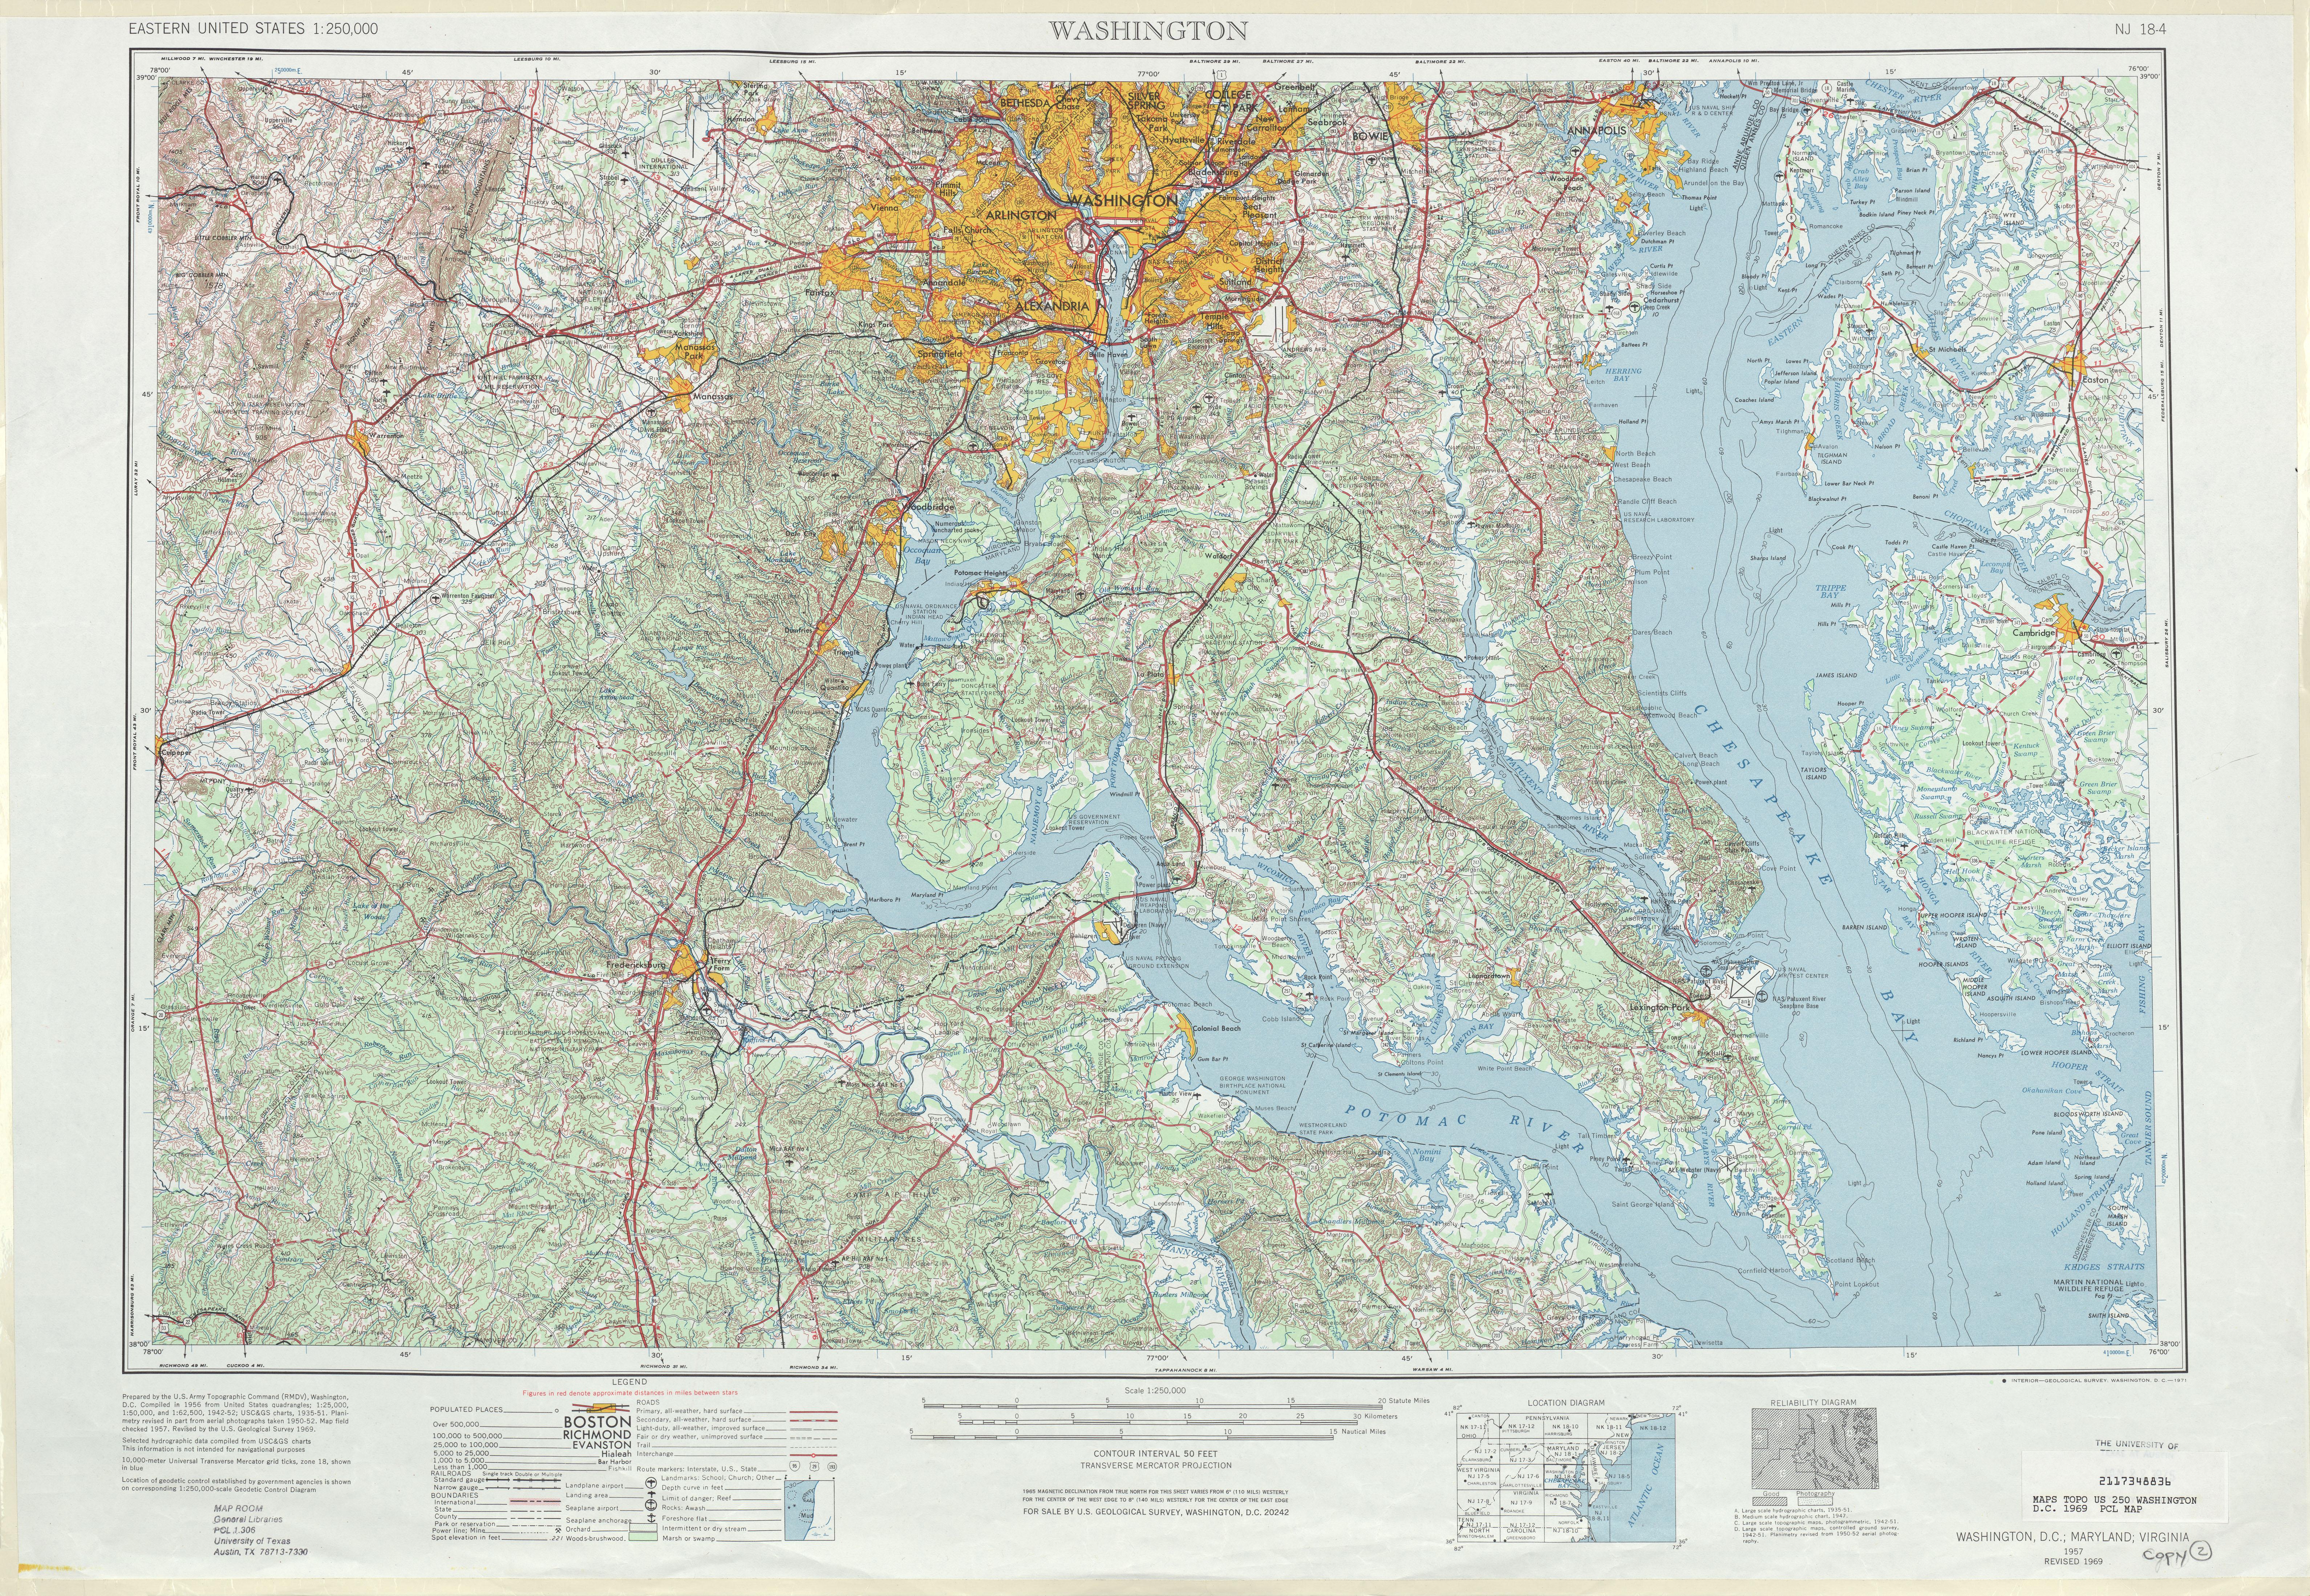 Hoja Washington D.Circa del Mapa Topográfico de los Estados Unidos 1969